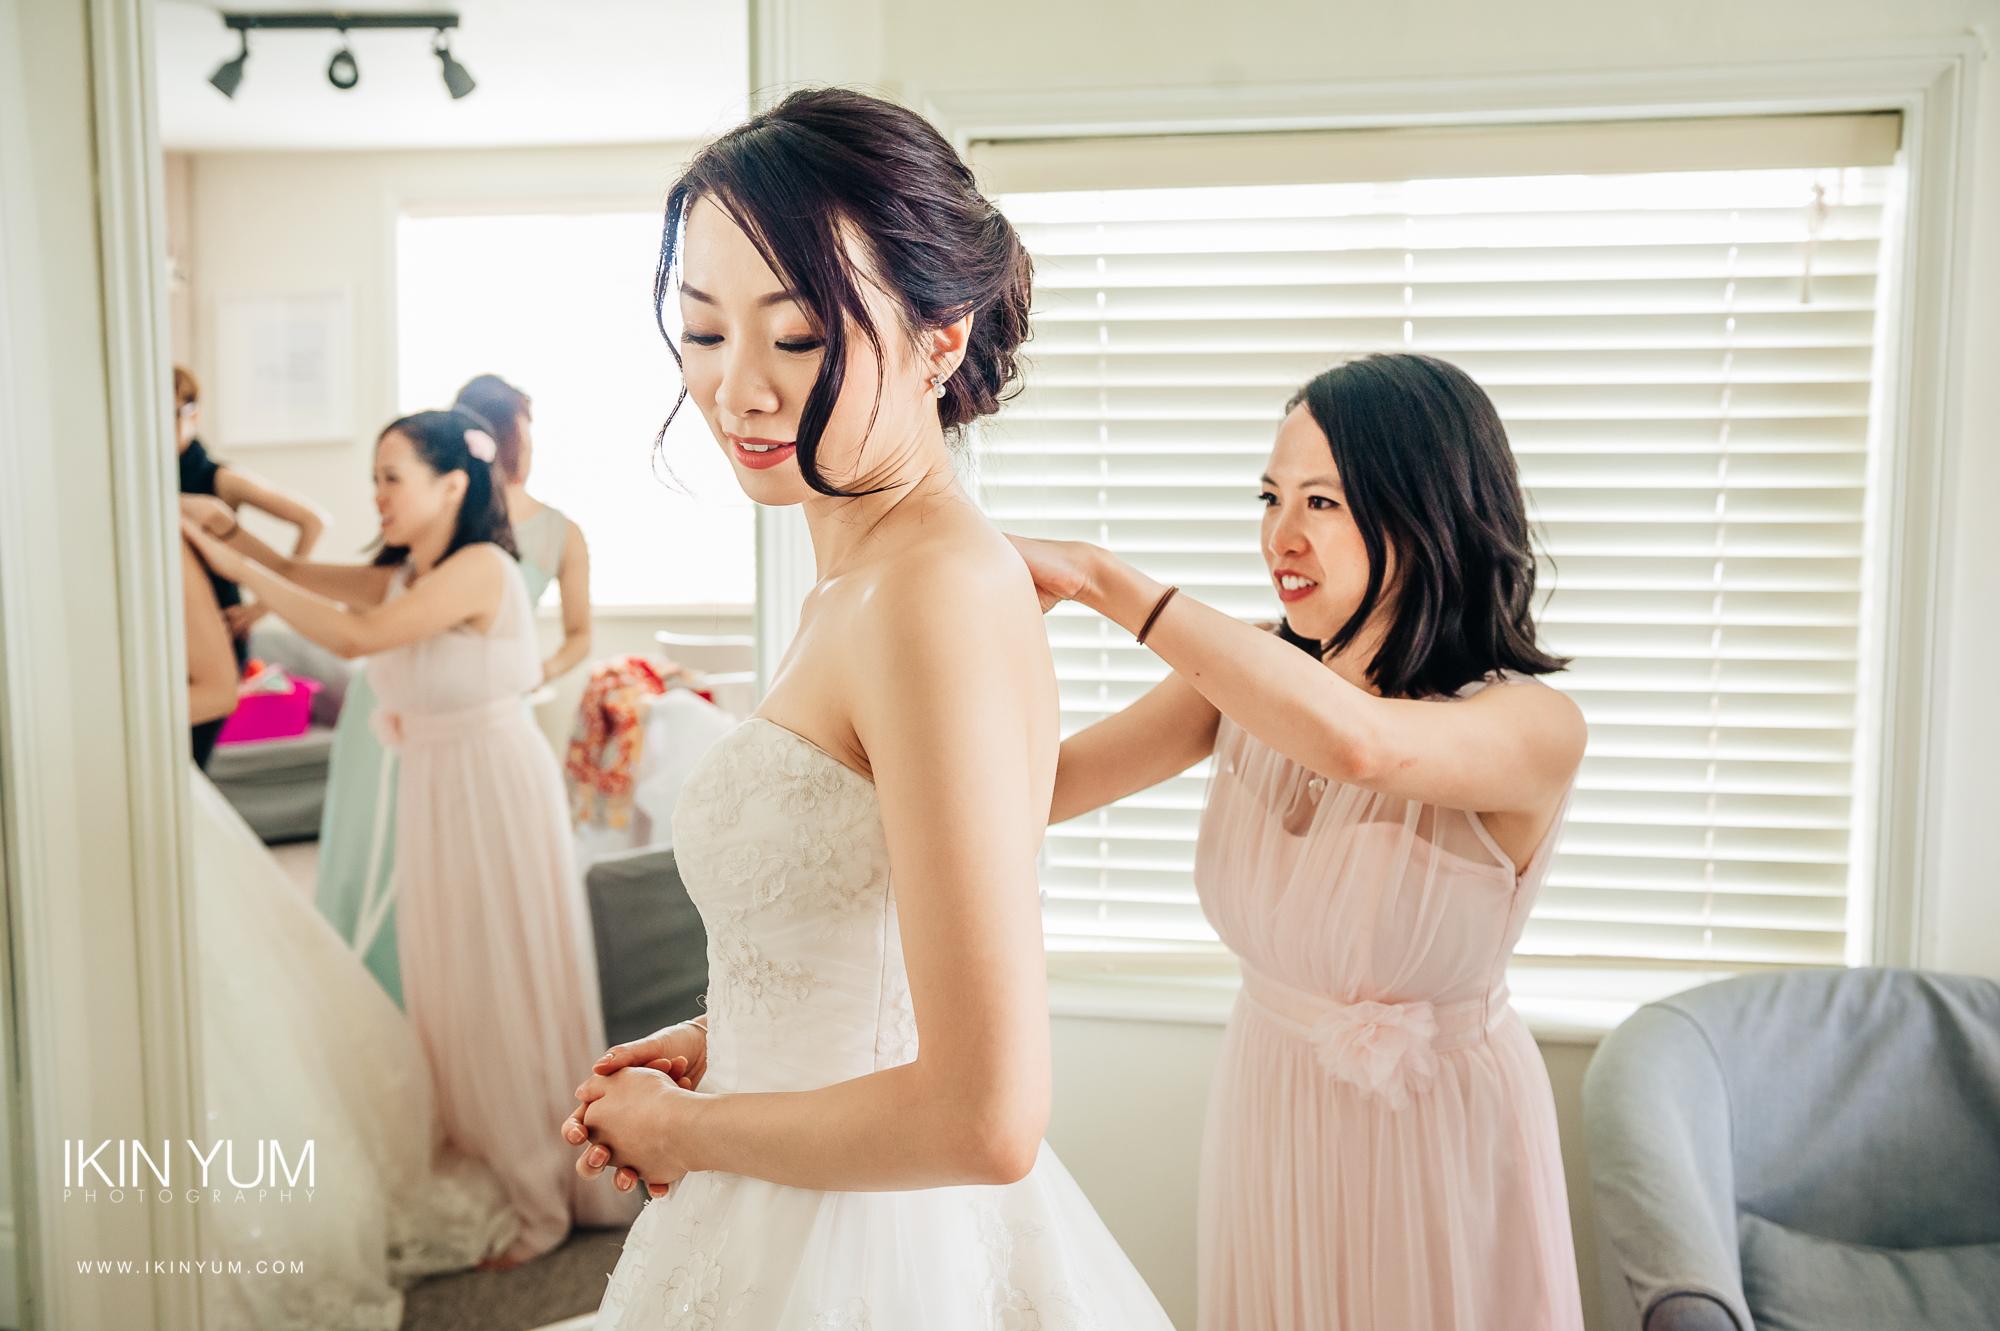 Sylvianne & Chun Wedding Day - Ikin Yum Photography-064.jpg